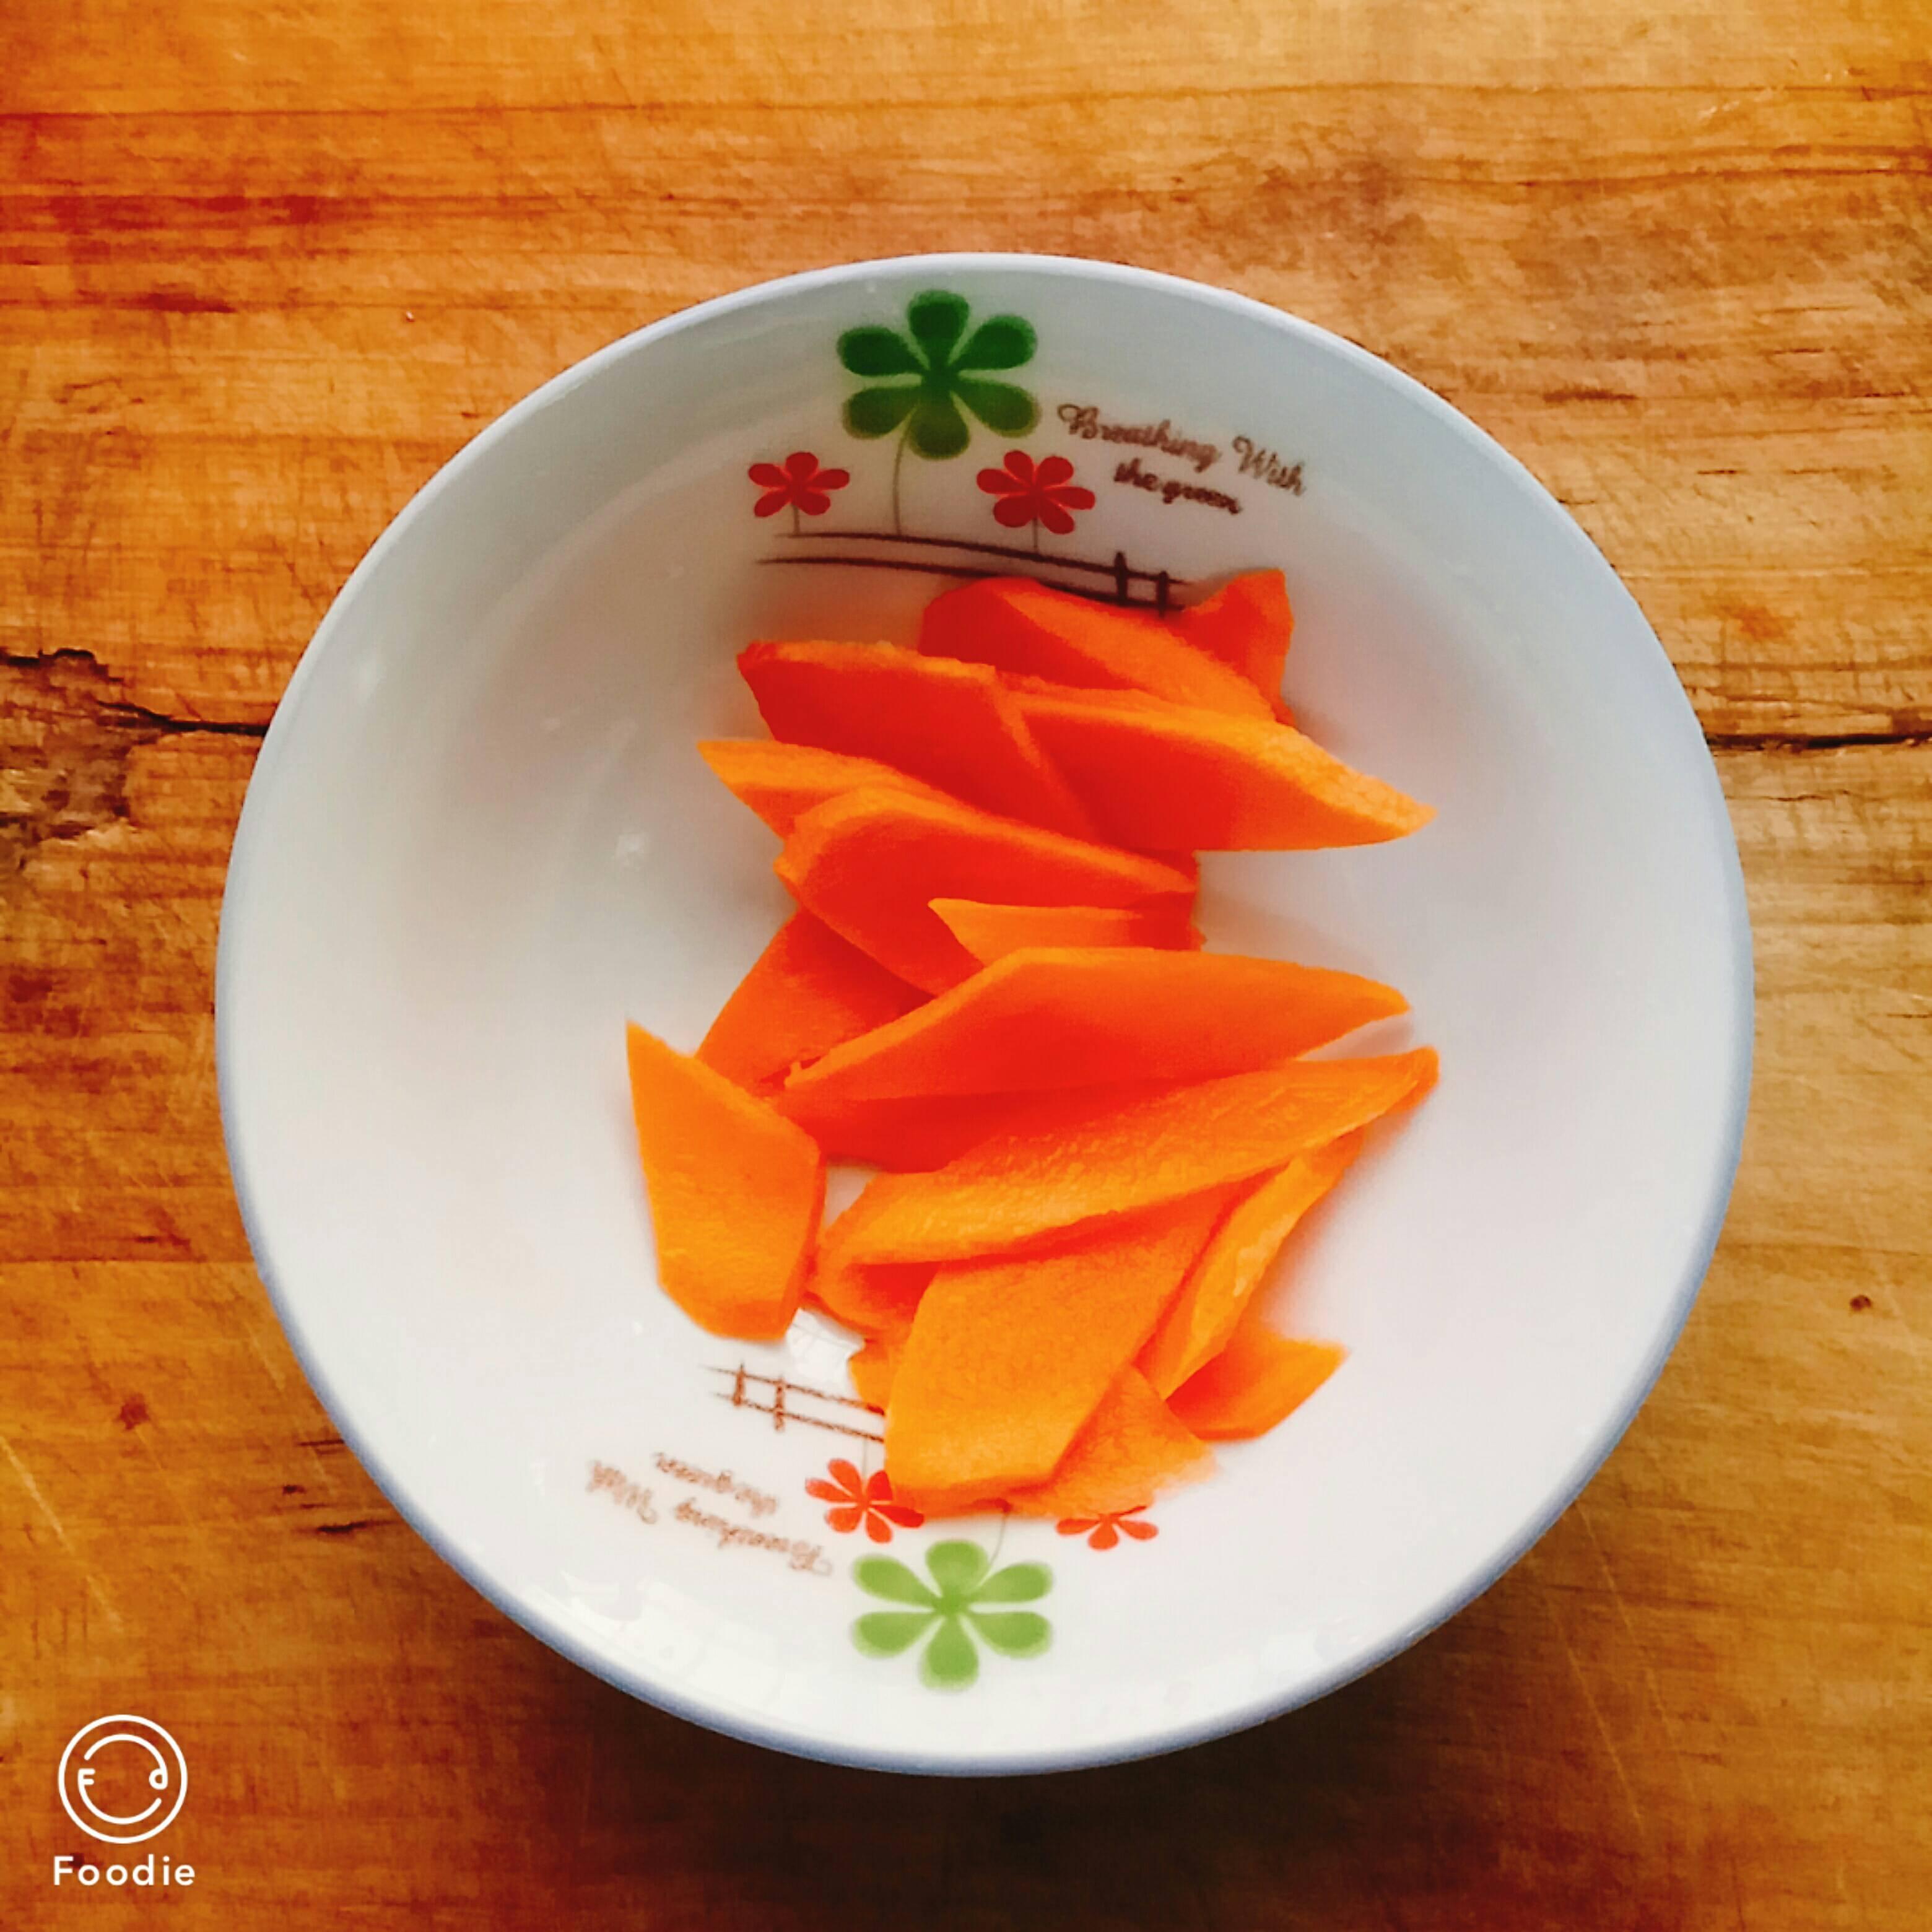 肥牛绿豆芽的做法大全